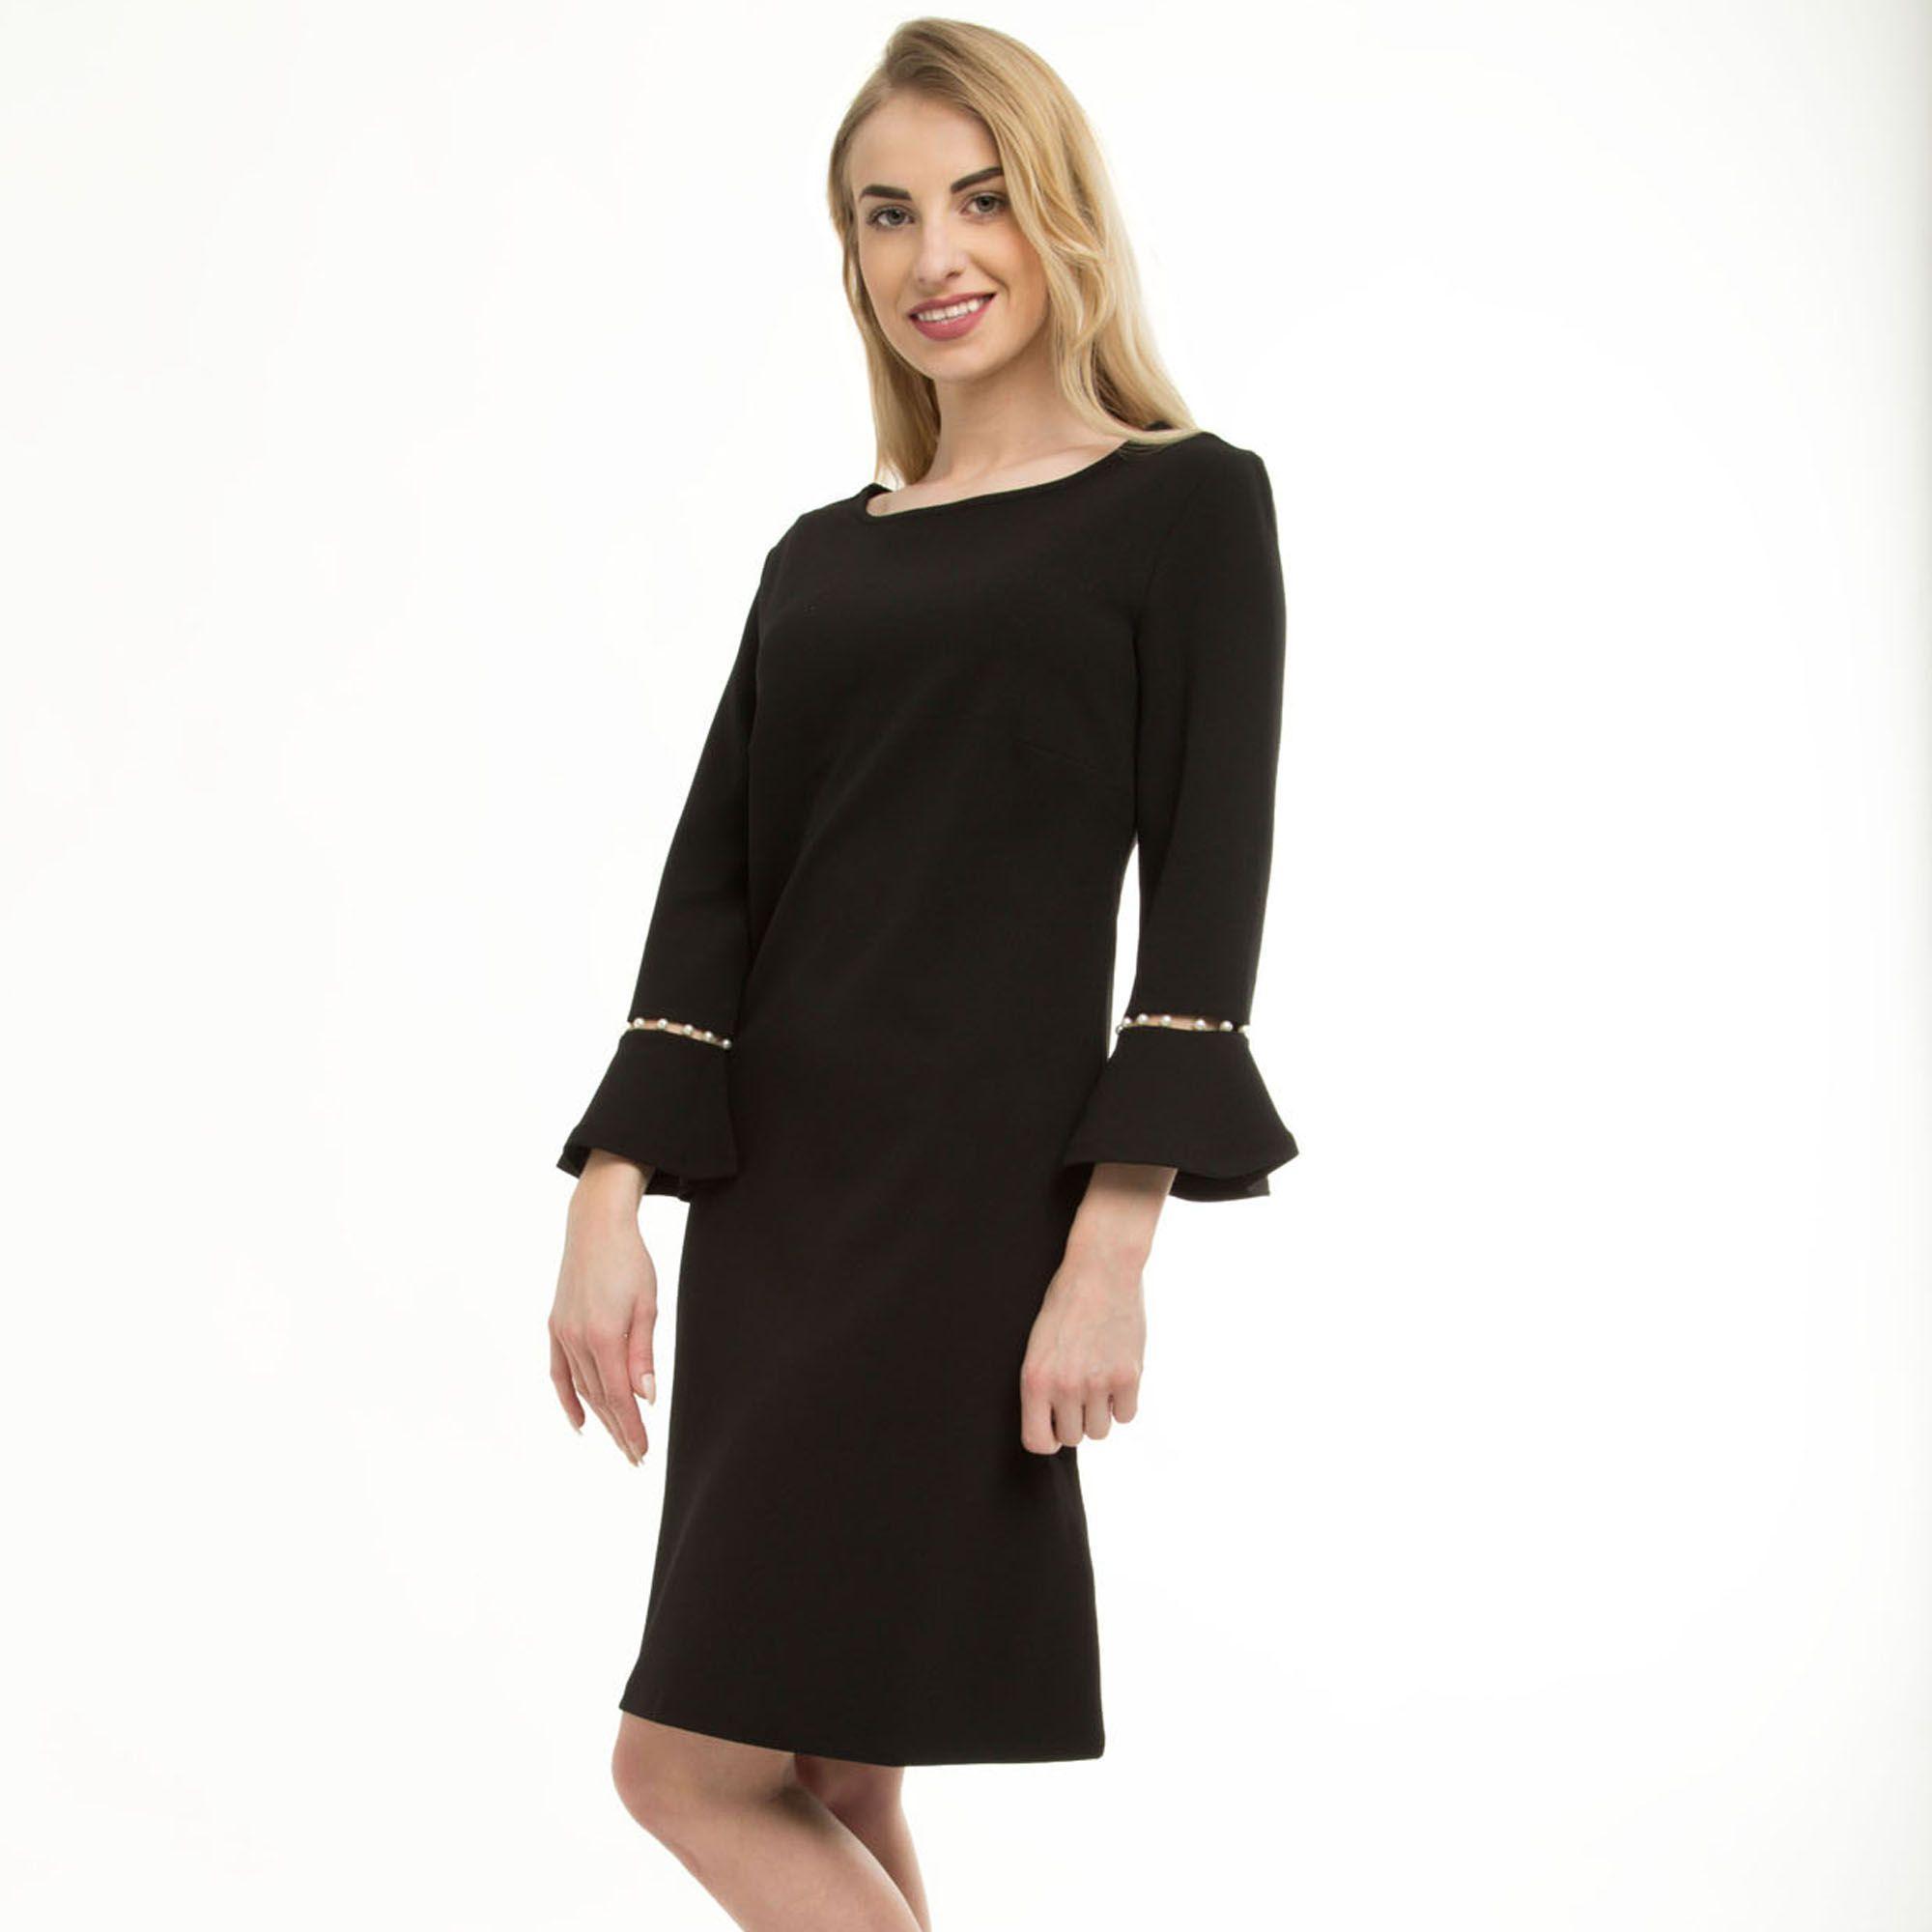 ec20b6d3a87b Anna Field Black Pearl Valance Sleeve Dress in Black - Lyst